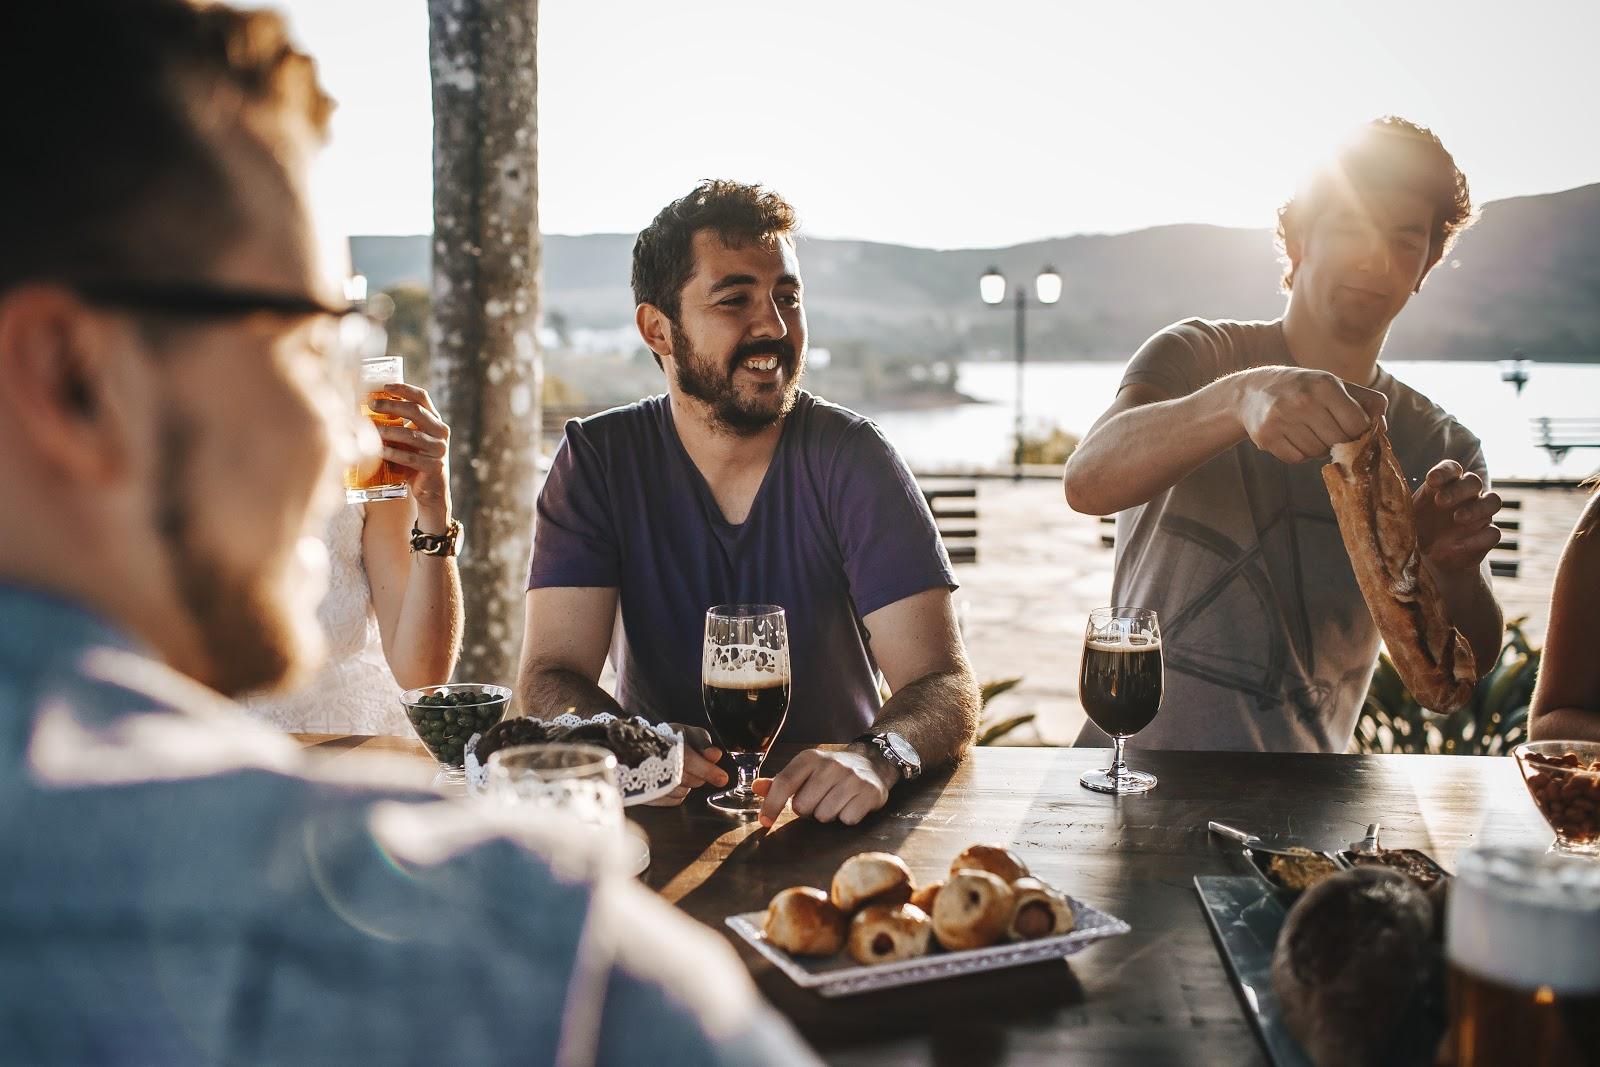 Várias pessoas comendo e conversando em uma mesa.